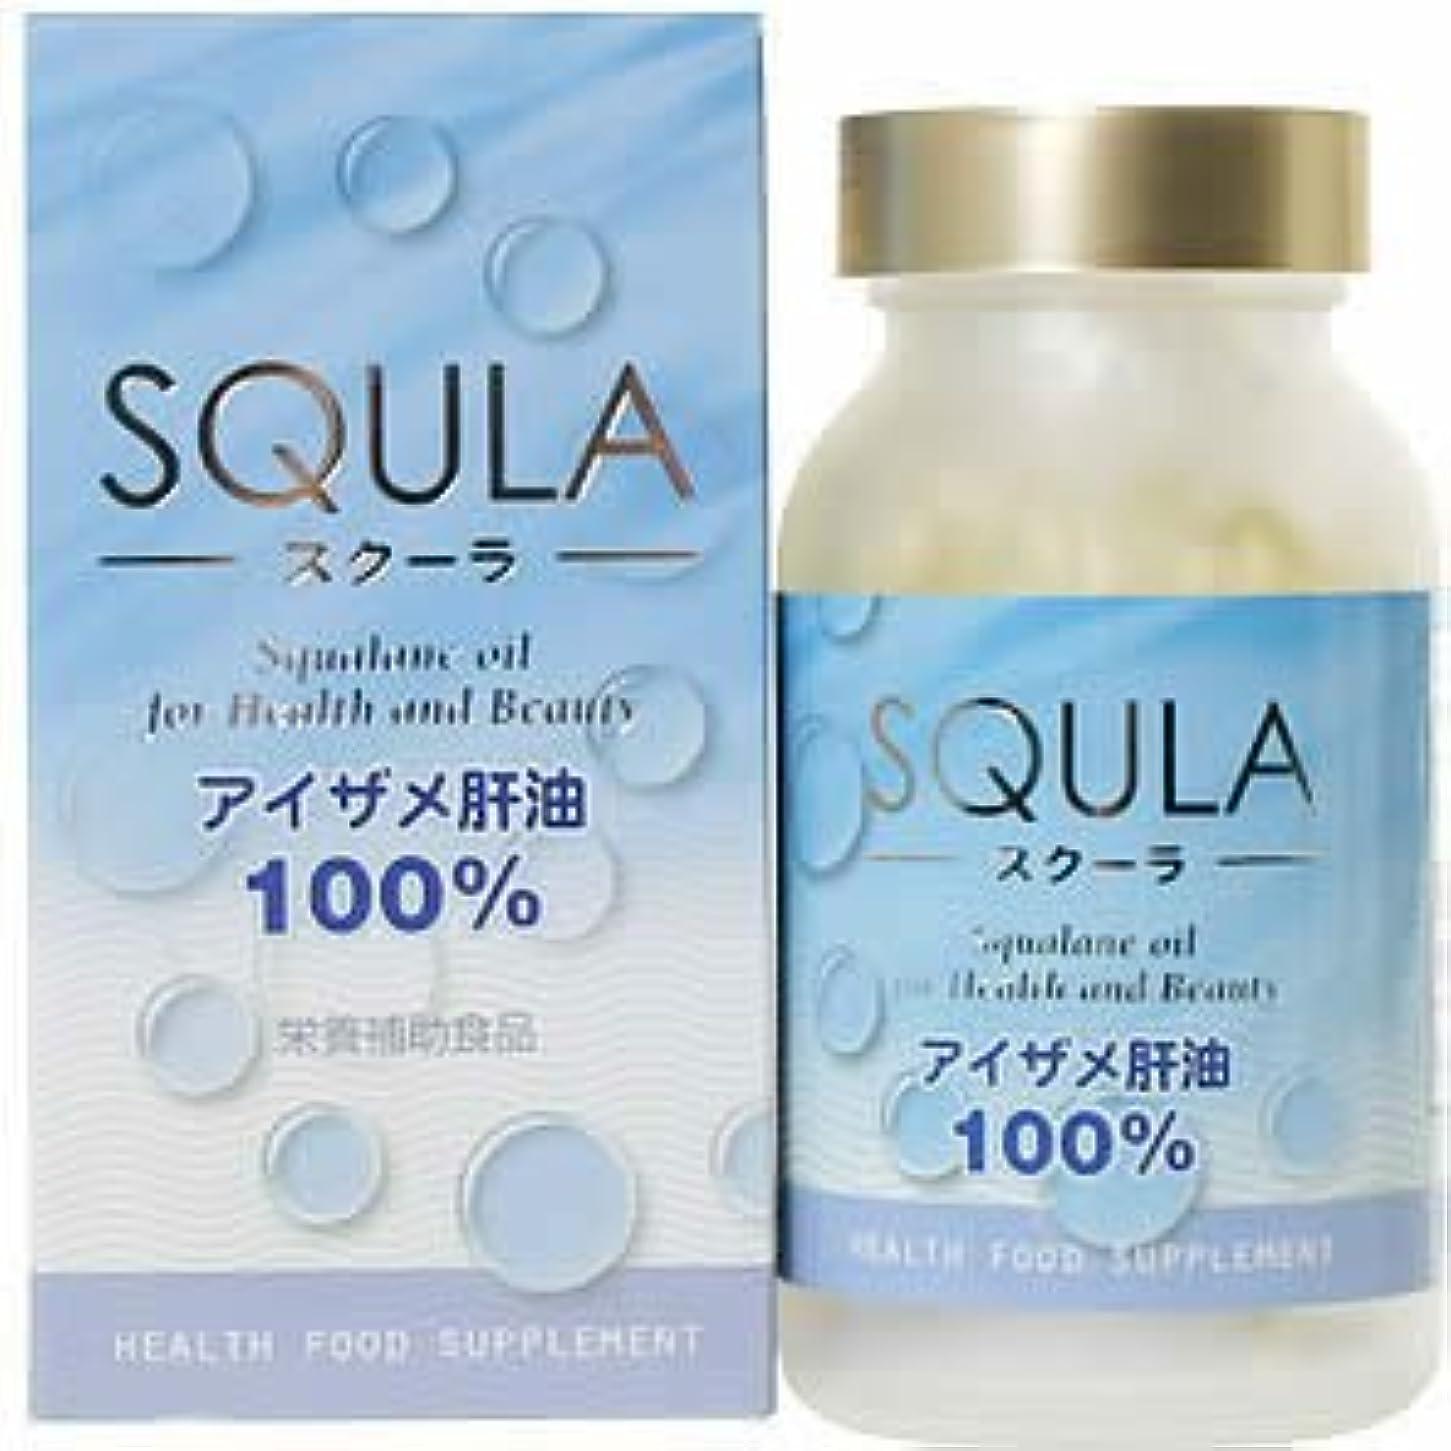 段落簡略化する言い直す京都栄養 スクーラ アイザメ肝油 180粒